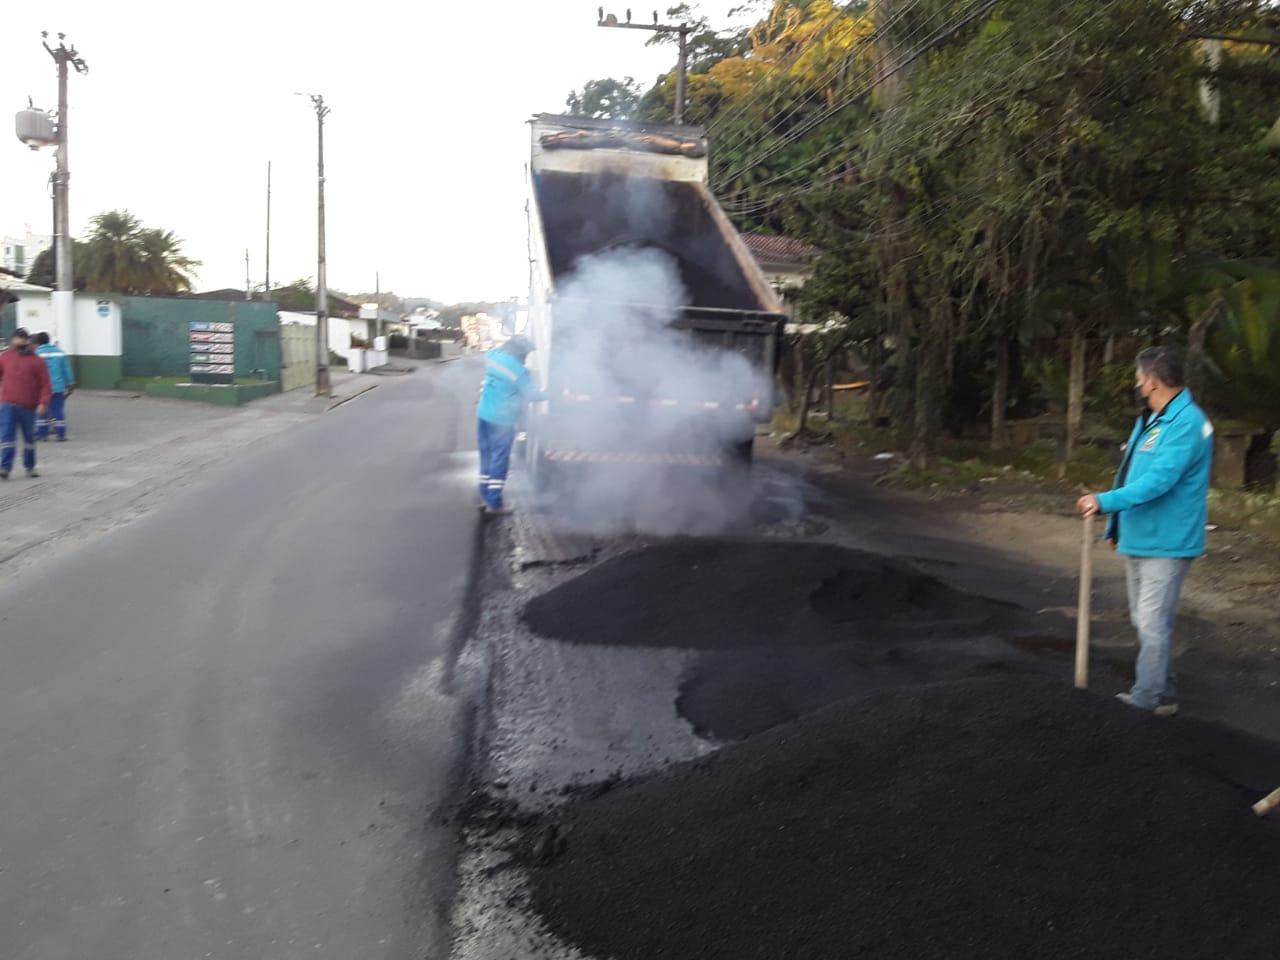 Domingo de sol. Prefeitura realiza obras na ponte João Vitório Benvenutti e da pavimentação da rua São Pedro